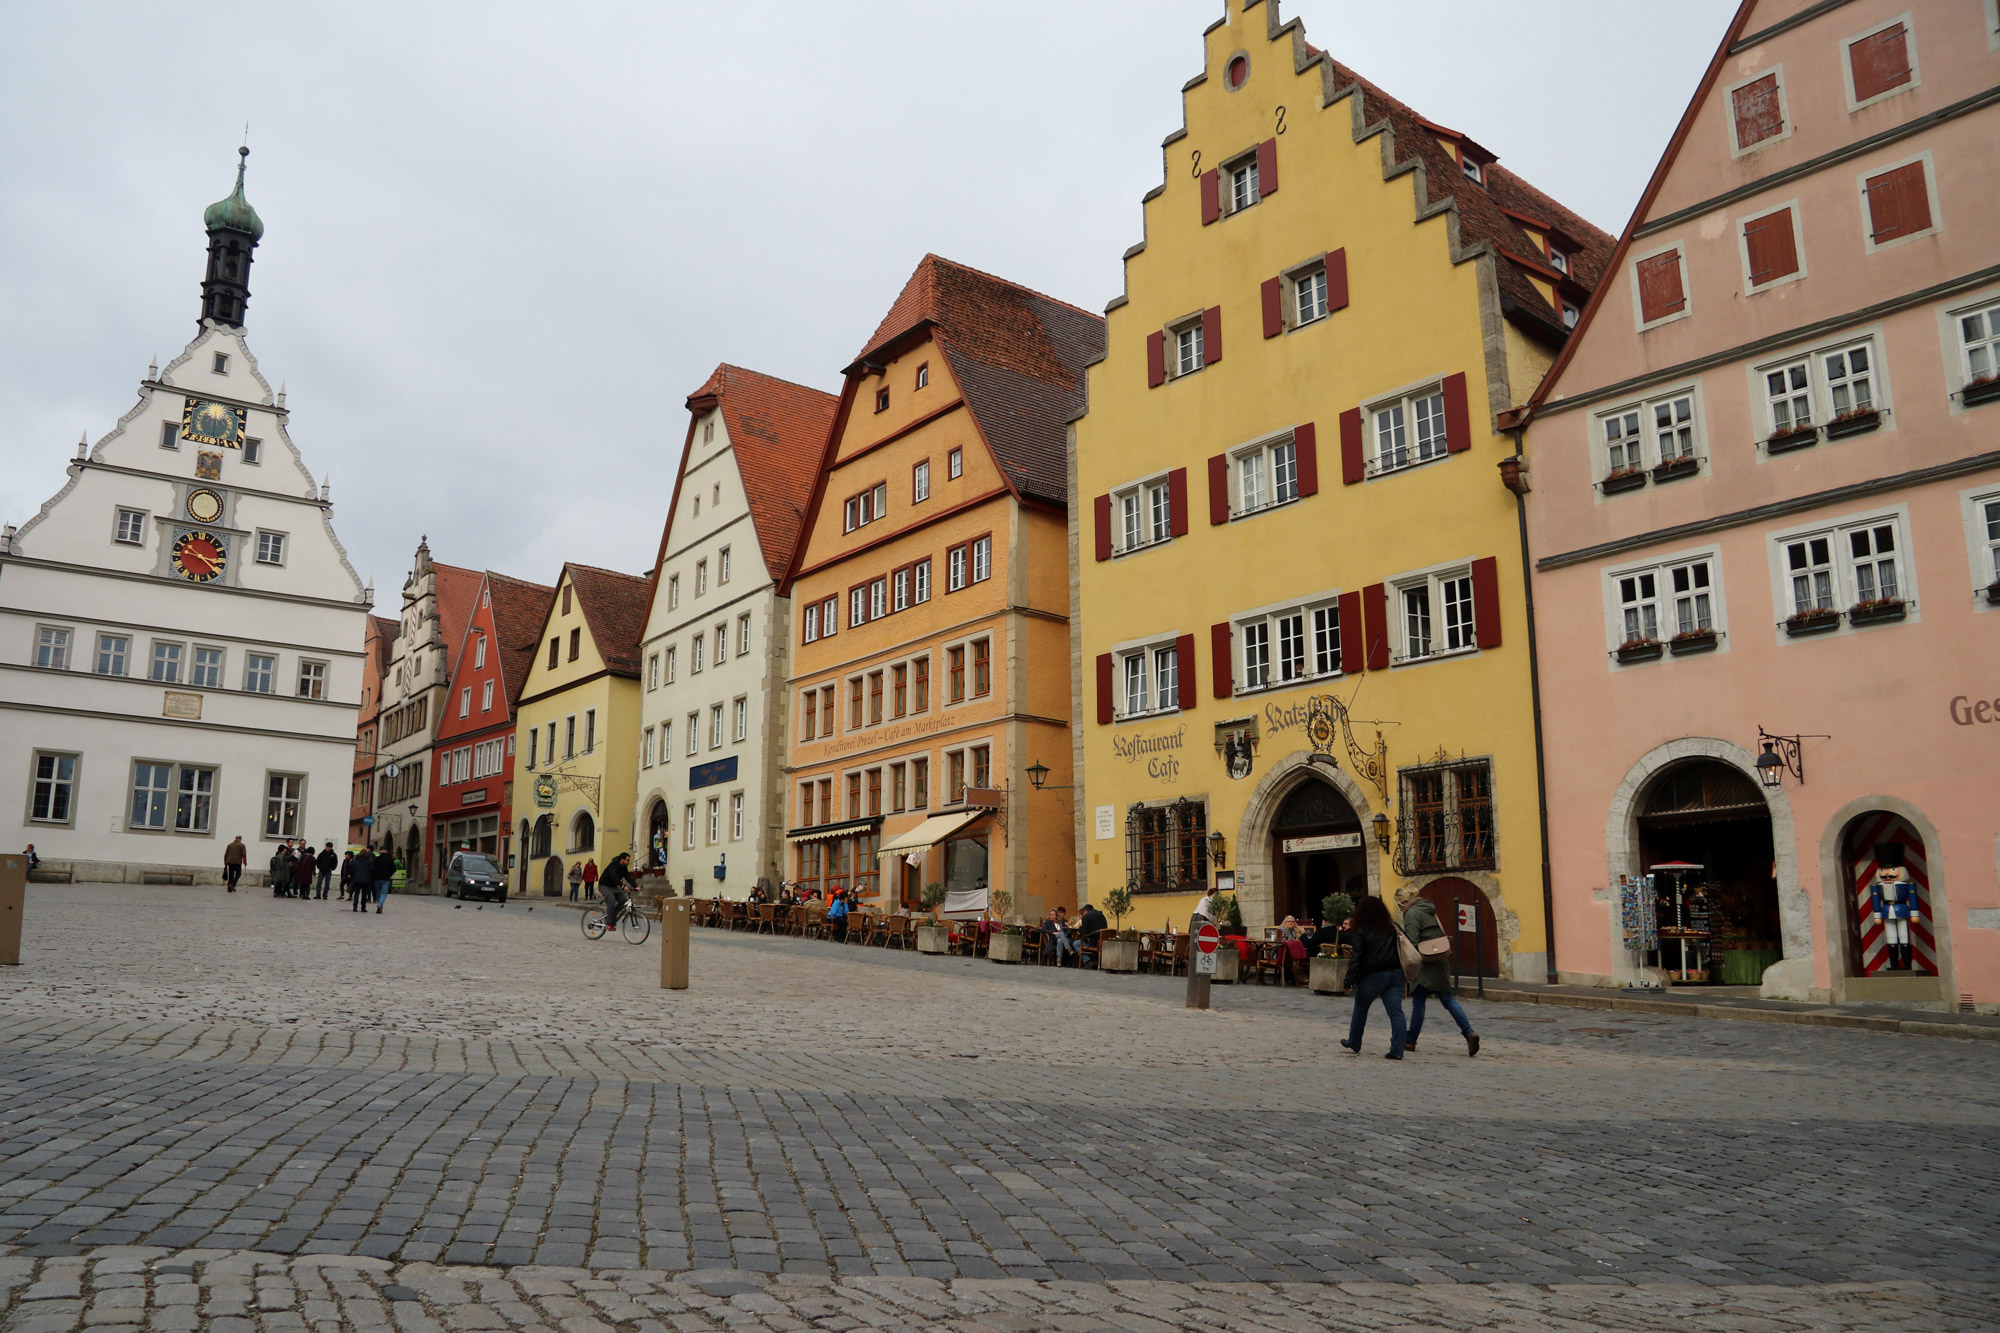 Wohnung Mieten Rothenburg Ob Der Tauber